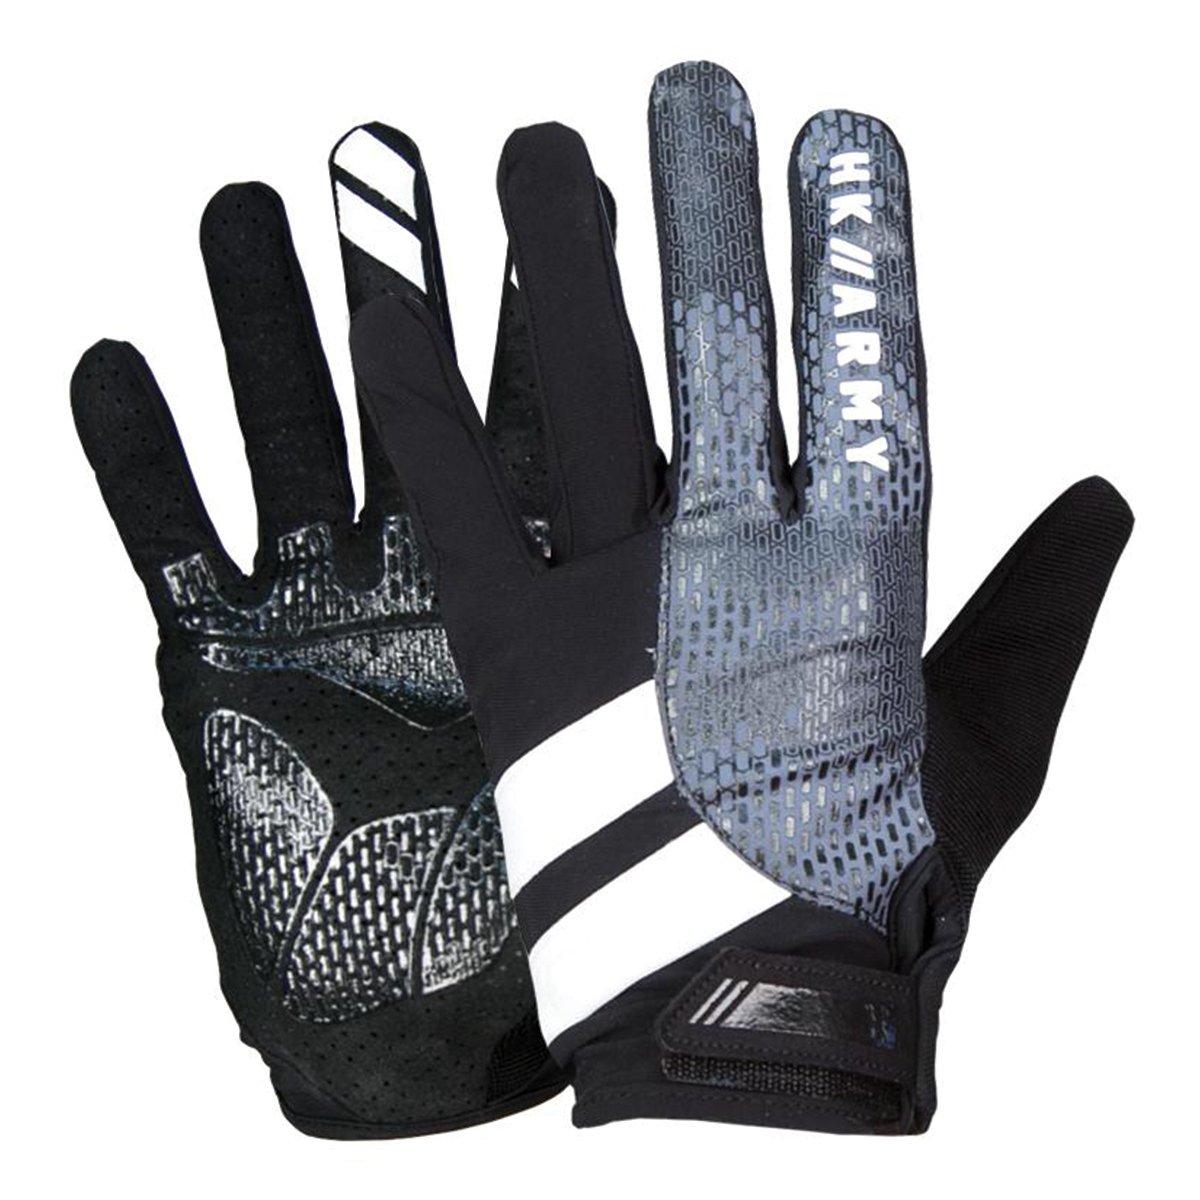 HK Army Freeline Gloves - Graphite - Small by HK Army